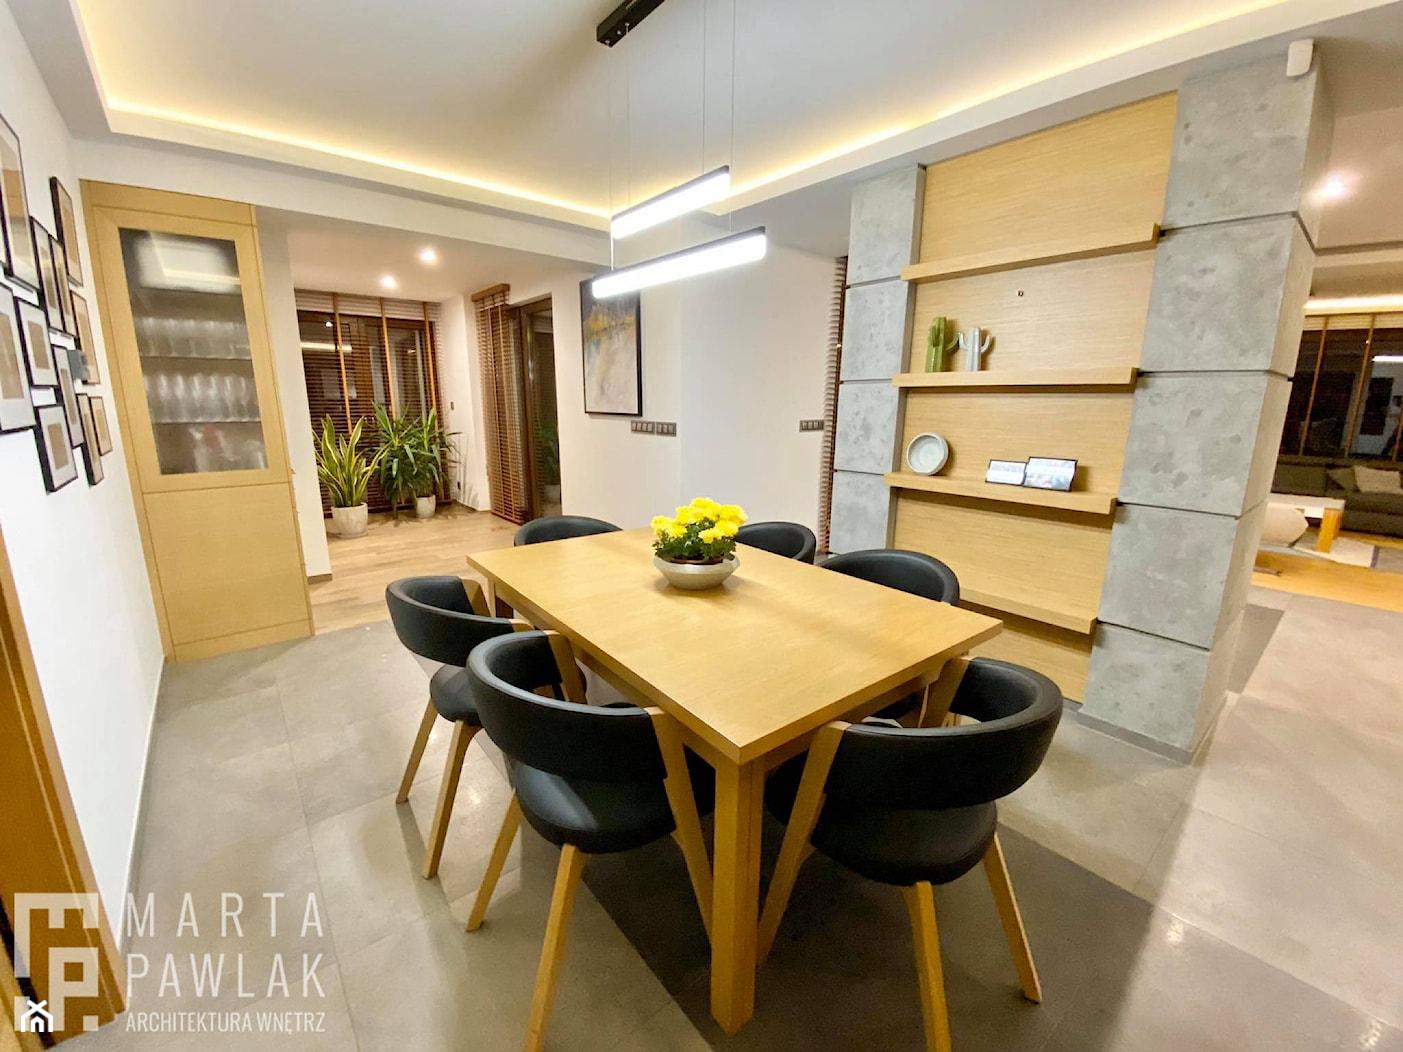 Dom Jednorodzinny w Pogórzu - Realizacja - Jadalnia, styl nowoczesny - zdjęcie od MARTA PAWLAK ARCHITEKTURA WNĘTRZ - Homebook